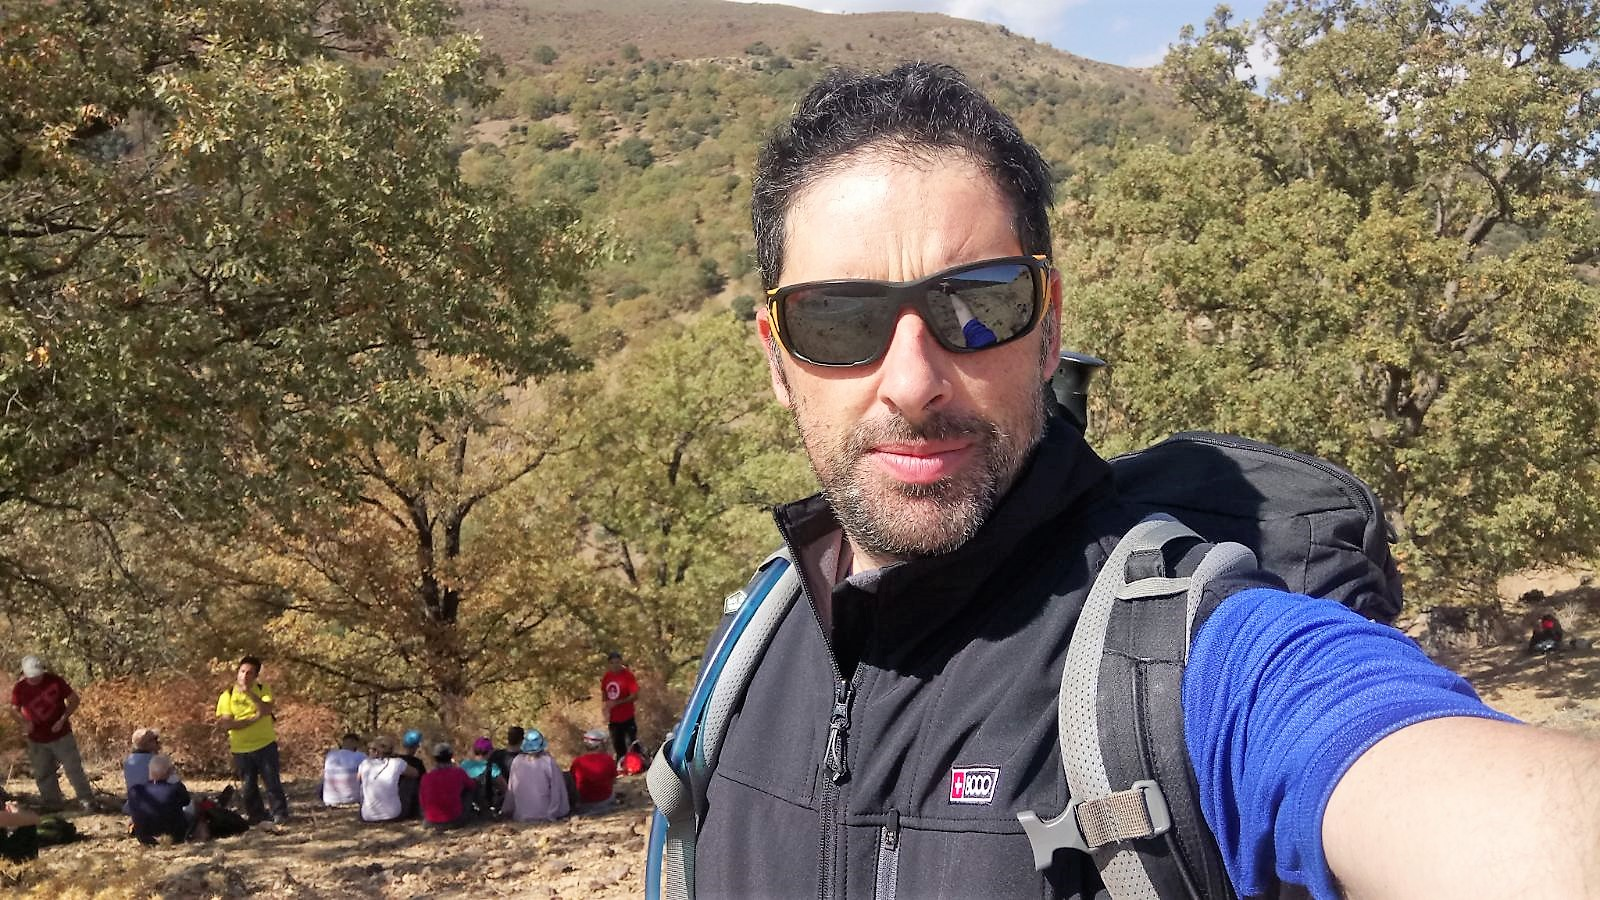 Manuel Mateos